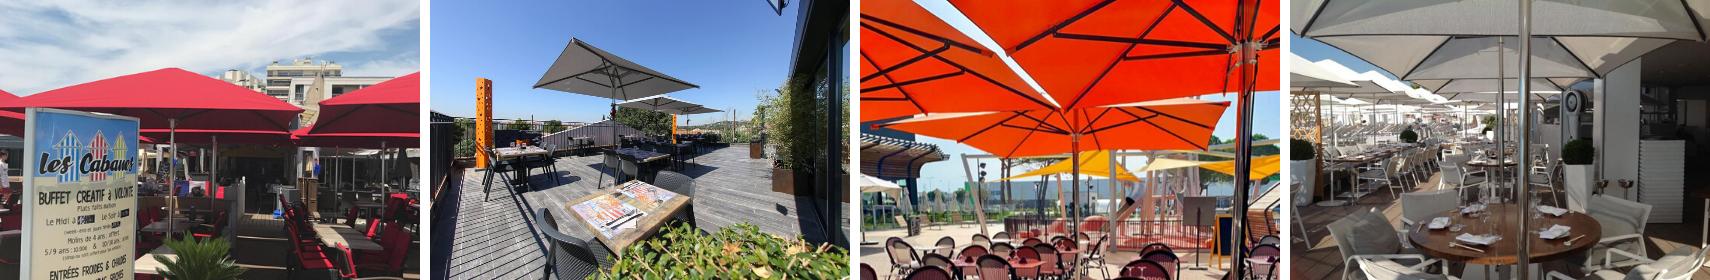 Parasols professionnels de restaurant et brasserie - Mousses Etoiles - Résistance au vent